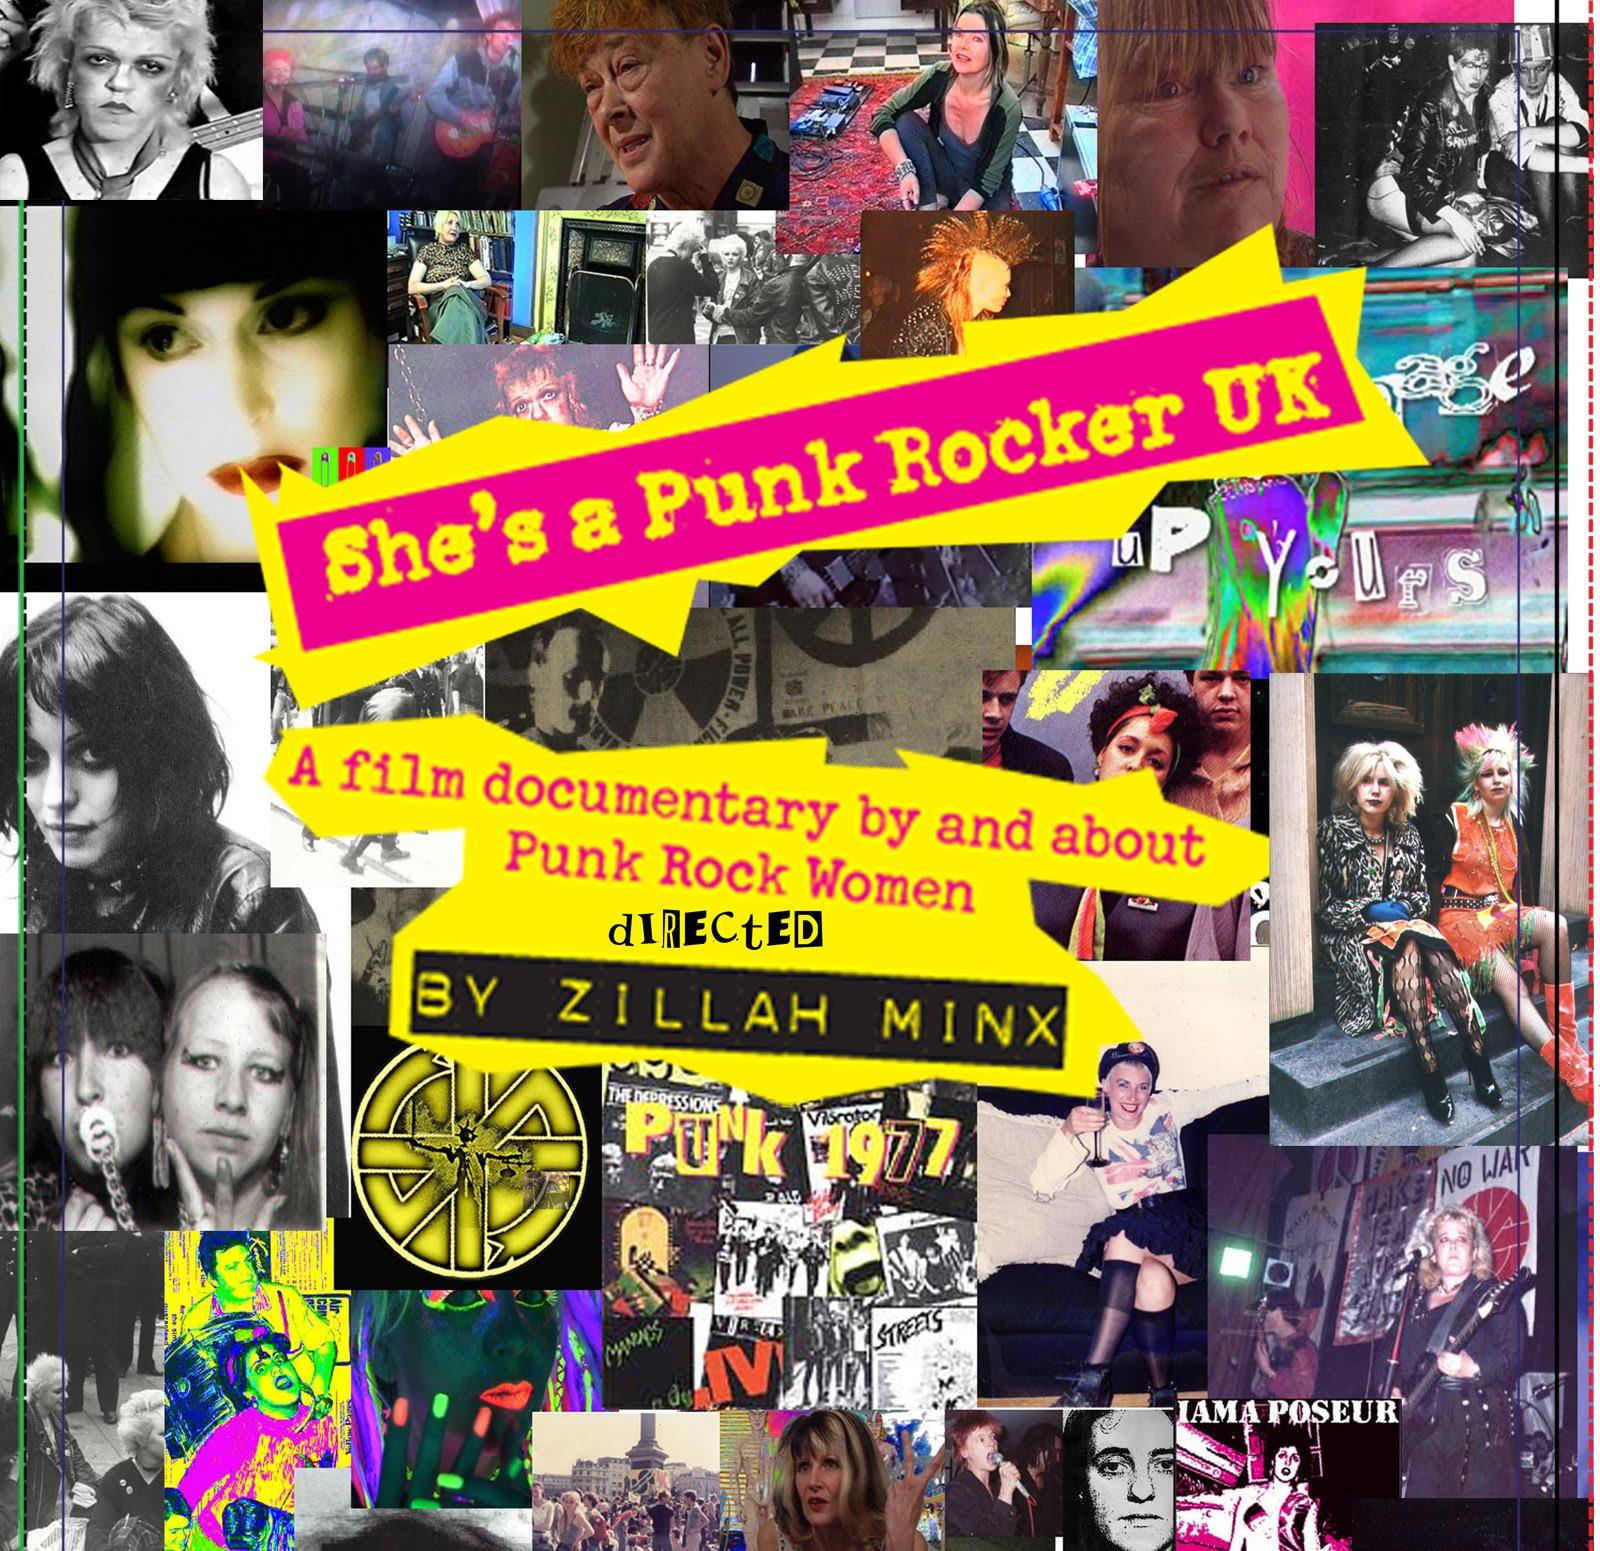 """""""SHE'S A PUNK ROCKER UK"""" – Eine Dokumentation von und über Punk Rock Women"""